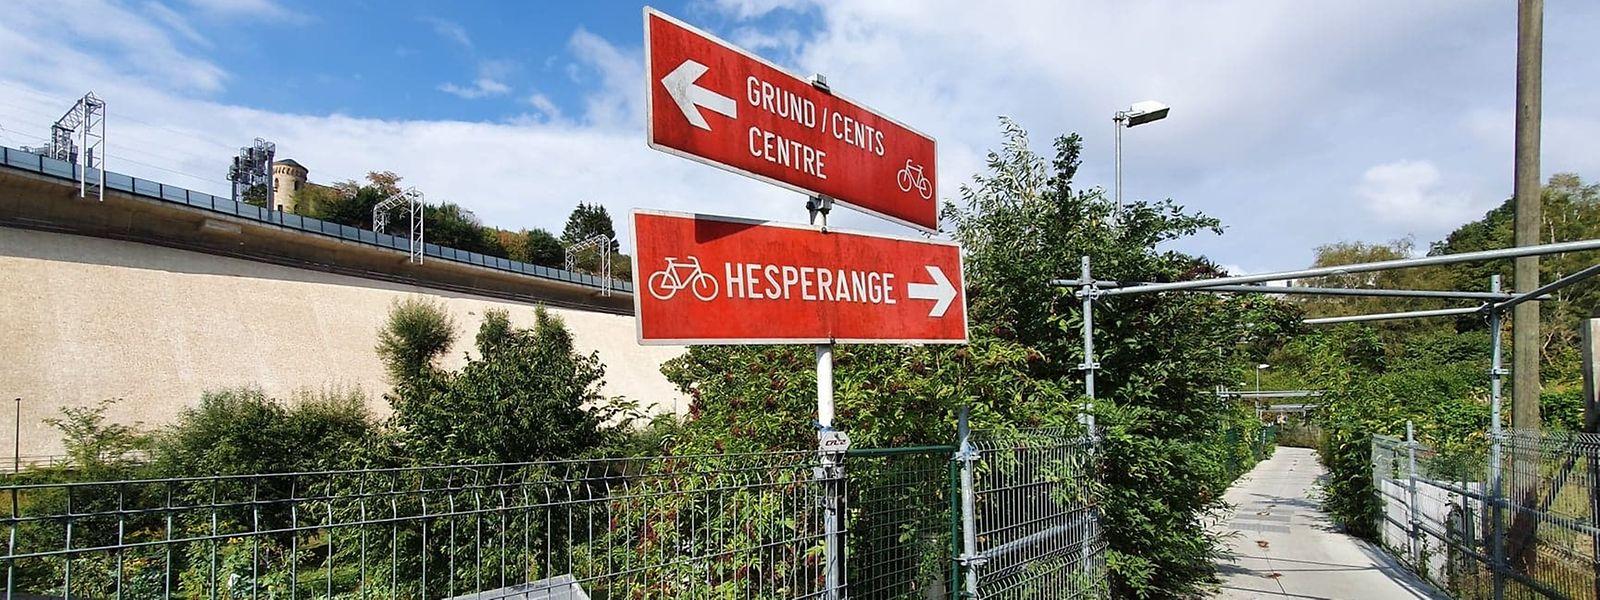 Die provisorische Radpiste führt seit 10 Jahren mitten durch die Kleingartenanlage Bisserwee auf der Bonneweger-Seite der Alzette.